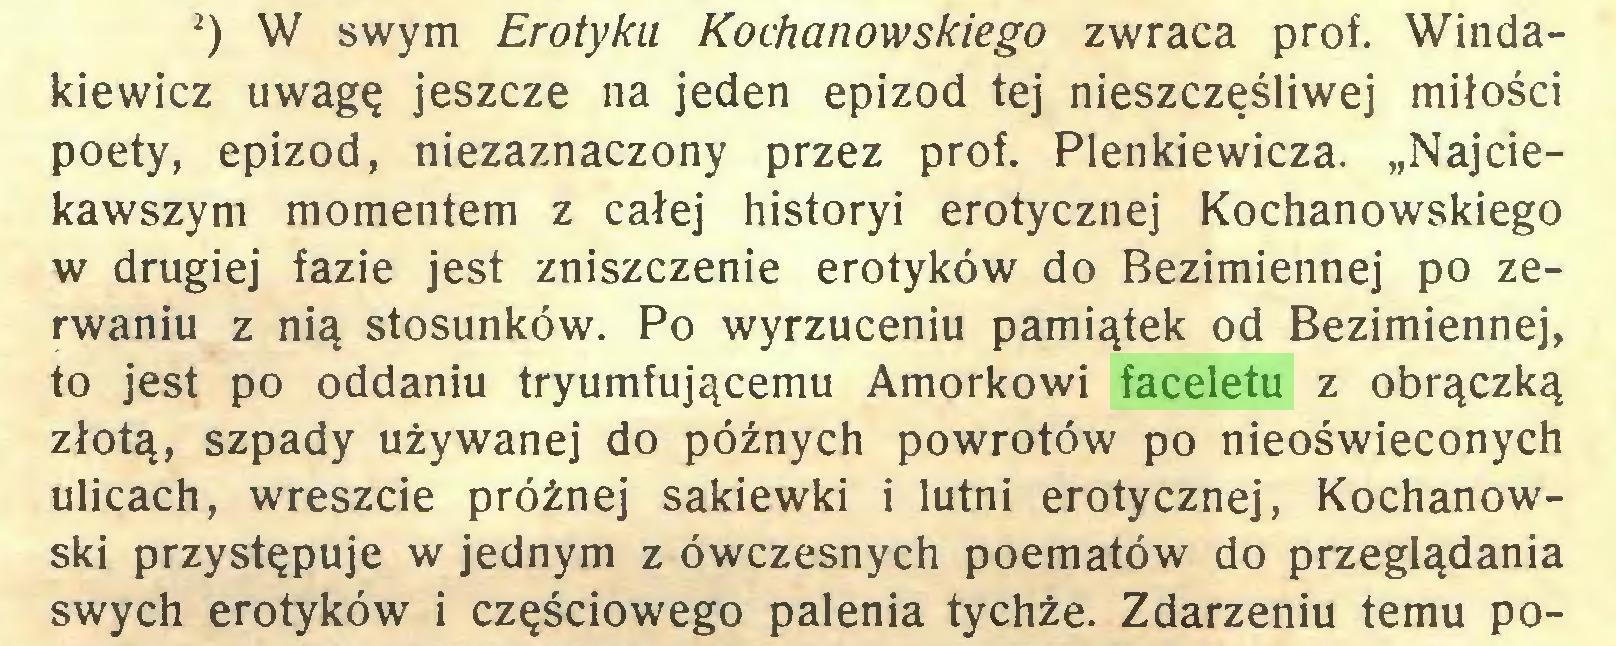 """(...) 2) W swym Erotyku Kochanowskiego zwraca prof. Windakiewicz uwagę jeszcze na jeden epizod tej nieszczęśliwej miłości poety, epizod, niezaznaczony przez prof. Plenkiewicza. """"Najciekawszym momentem z całej historyi erotycznej Kochanowskiego w drugiej fazie jest zniszczenie erotyków do Bezimiennej po zerwaniu z nią stosunków. Po wyrzuceniu pamiątek od Bezimiennej, to jest po oddaniu tryumfującemu Amorkowi faceletu z obrączką złotą, szpady używanej do późnych powrotów po nieoświeconych ulicach, wreszcie próżnej sakiewki i lutni erotycznej, Kochanowski przystępuje w jednym z ówczesnych poematów do przeglądania swych erotyków i częściowego palenia tychże. Zdarzeniu temu po..."""